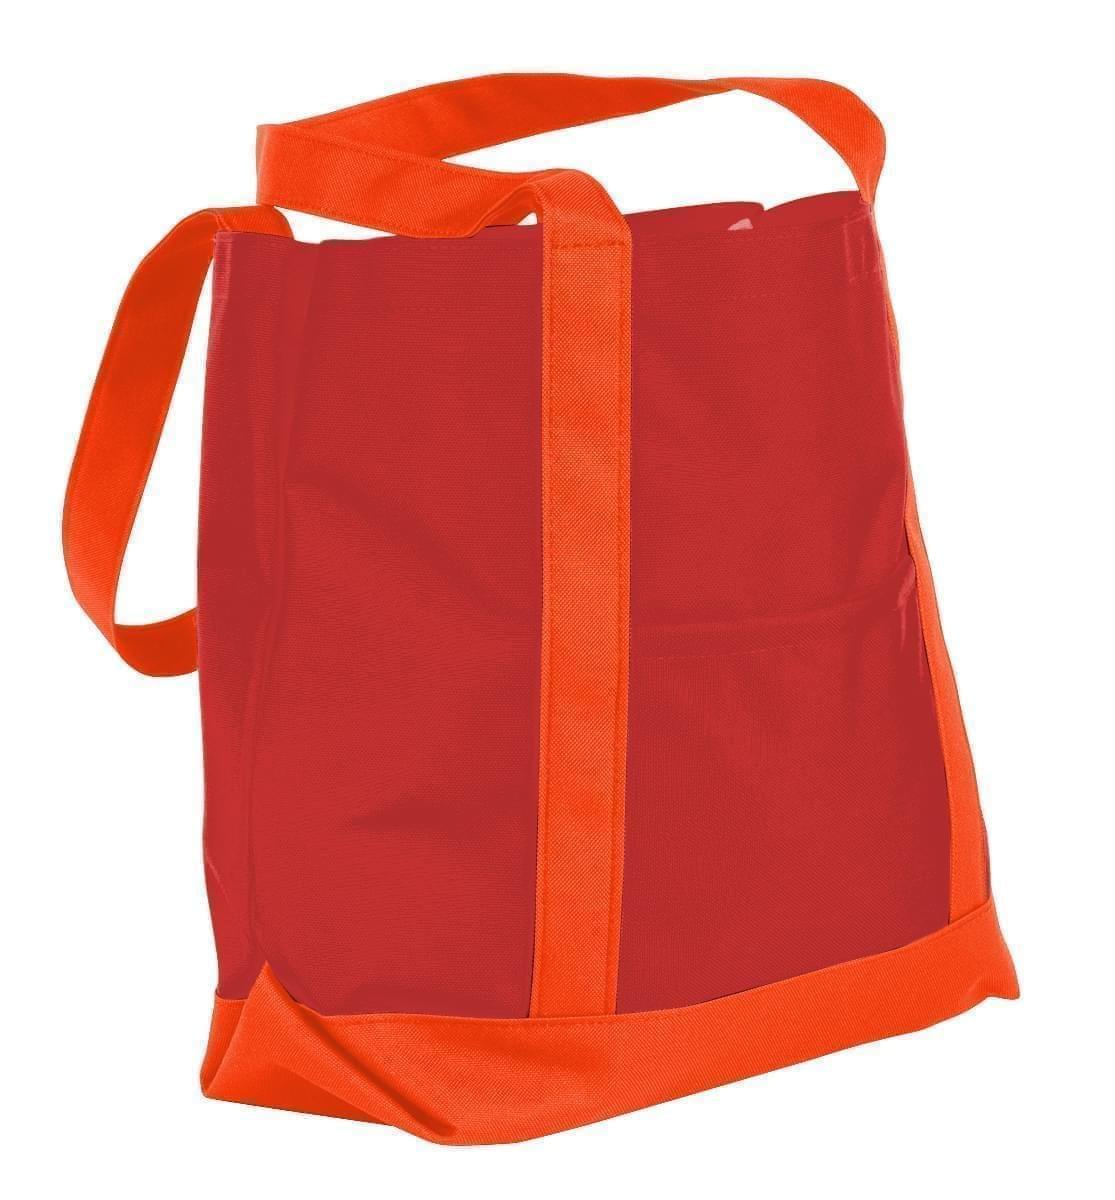 USA Made Canvas Fashion Tote Bags, Red-Orange, XAACL1UAEJ